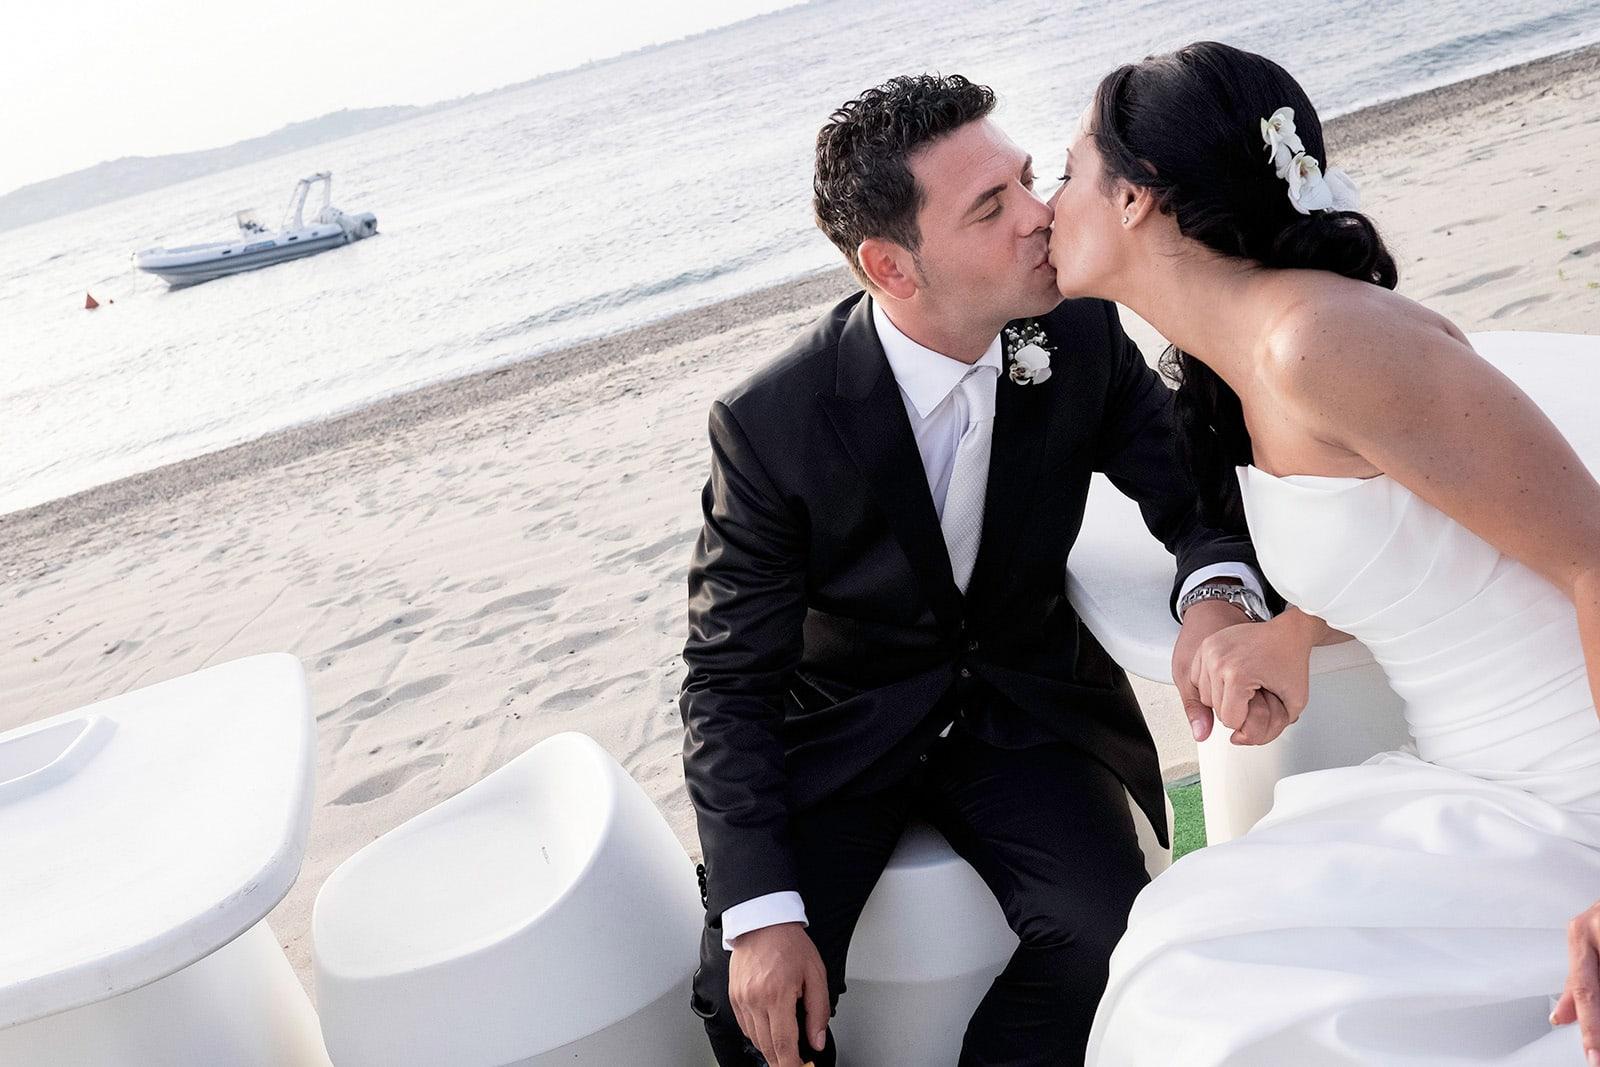 fotografo_di_matrimonio_reportage_reggio_calabria_mallamaci_giovanni_ed_emanuela